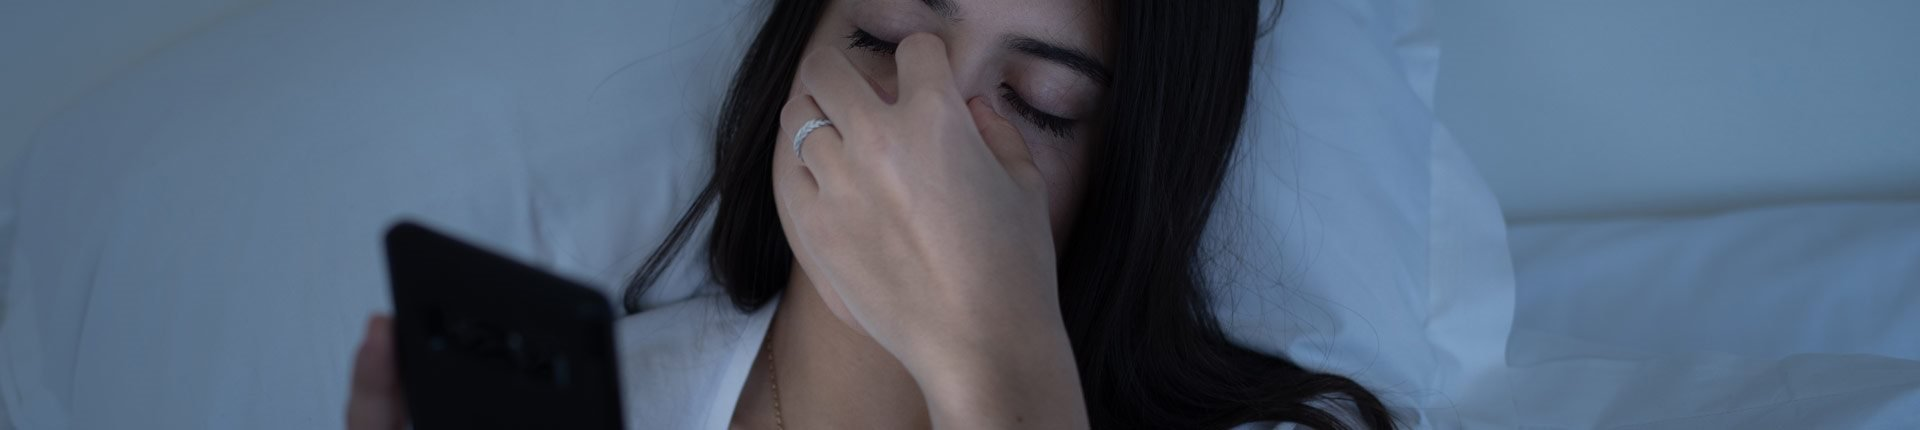 Czy niebieskie światło telefonów powoduje bóle głowy?